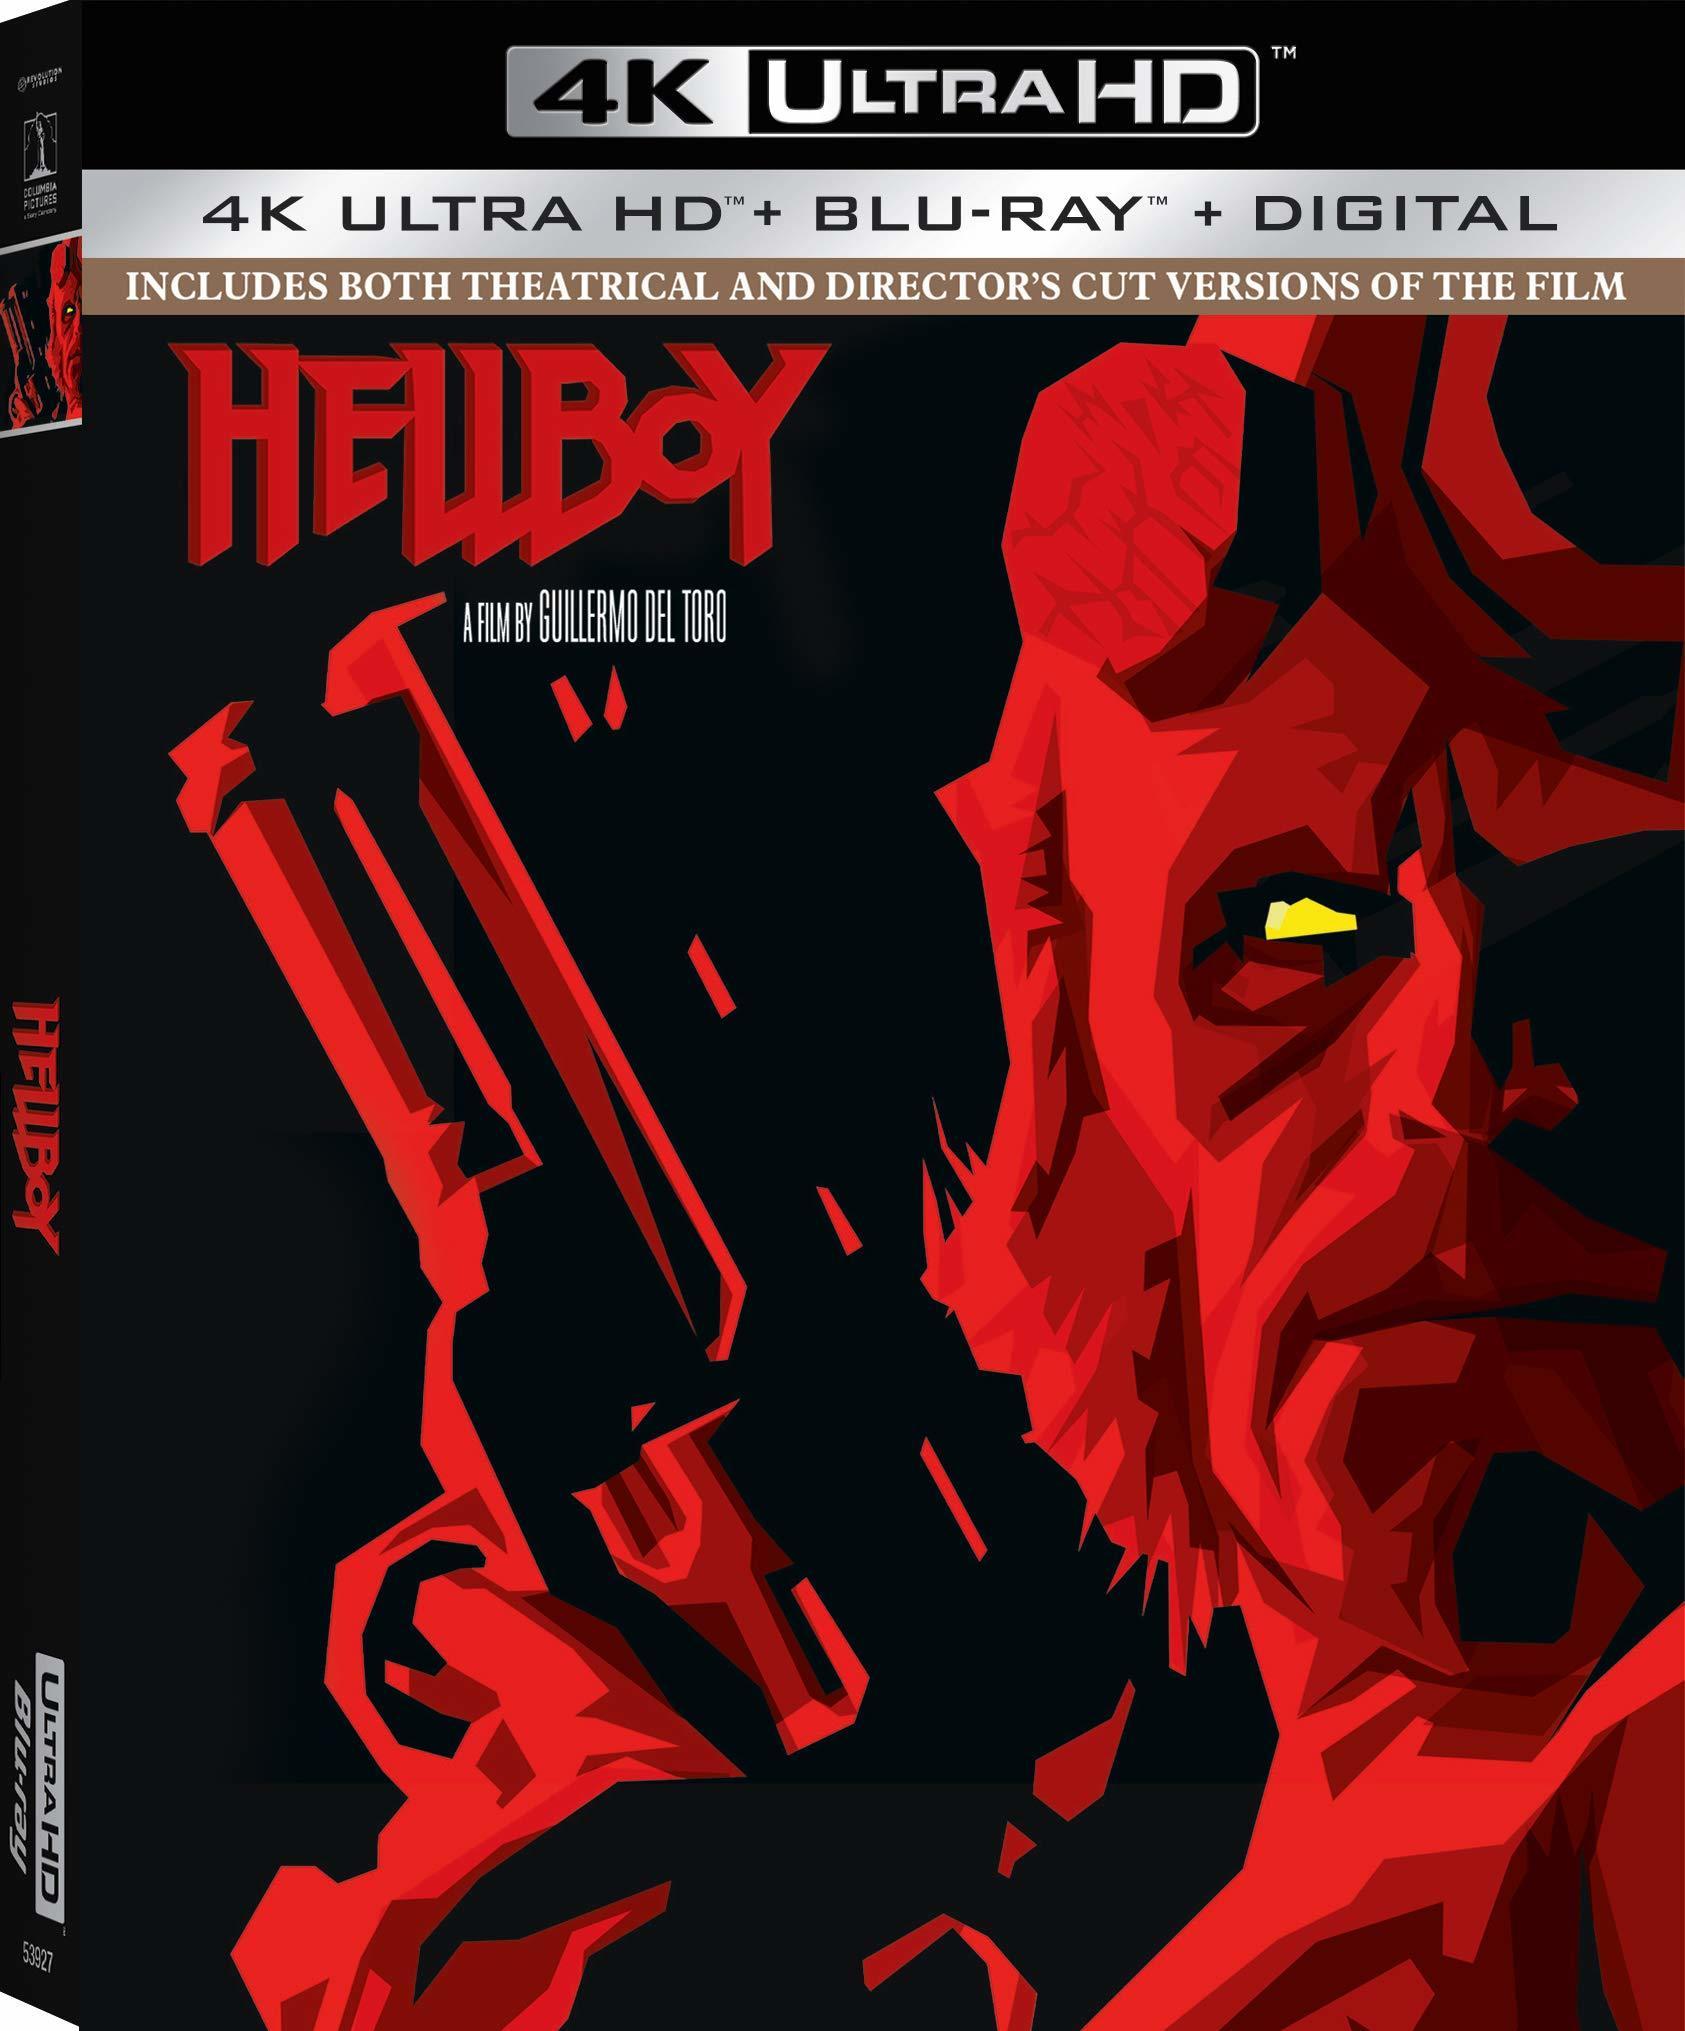 Hellboy 4K (2004) Ultra HD Blu-ray